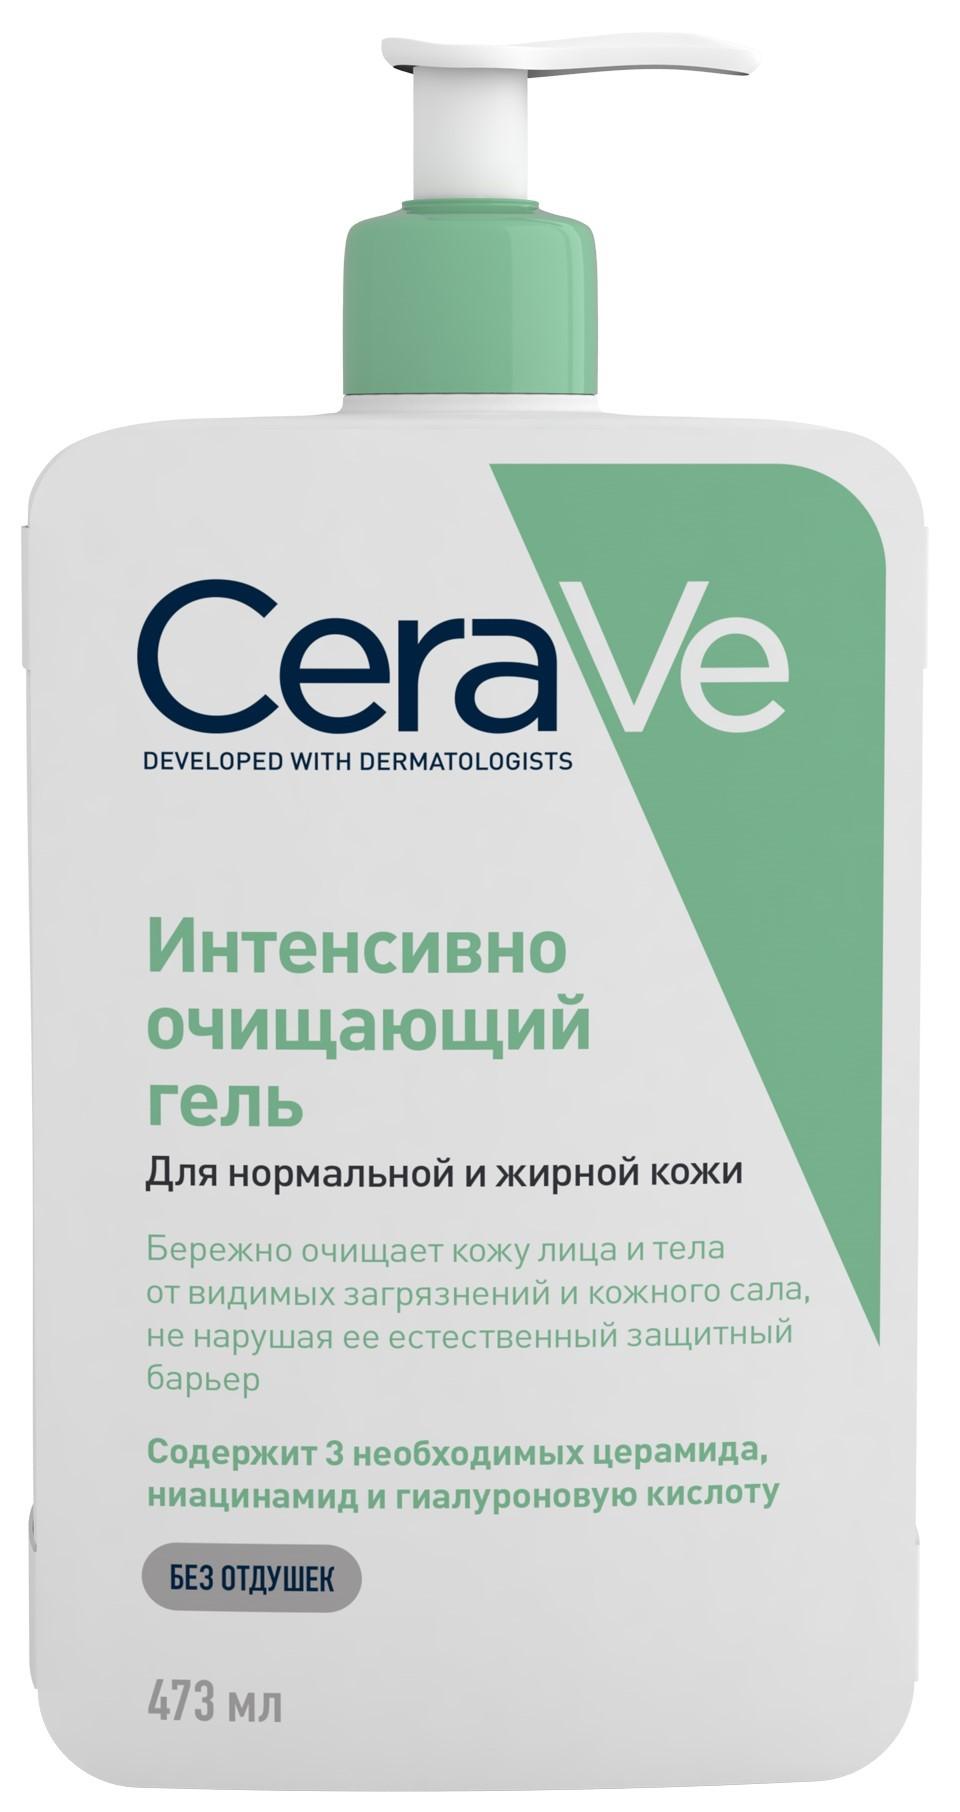 Очищающий гель для нормальной и жирной кожи лица и тела 473мл (Цераве)